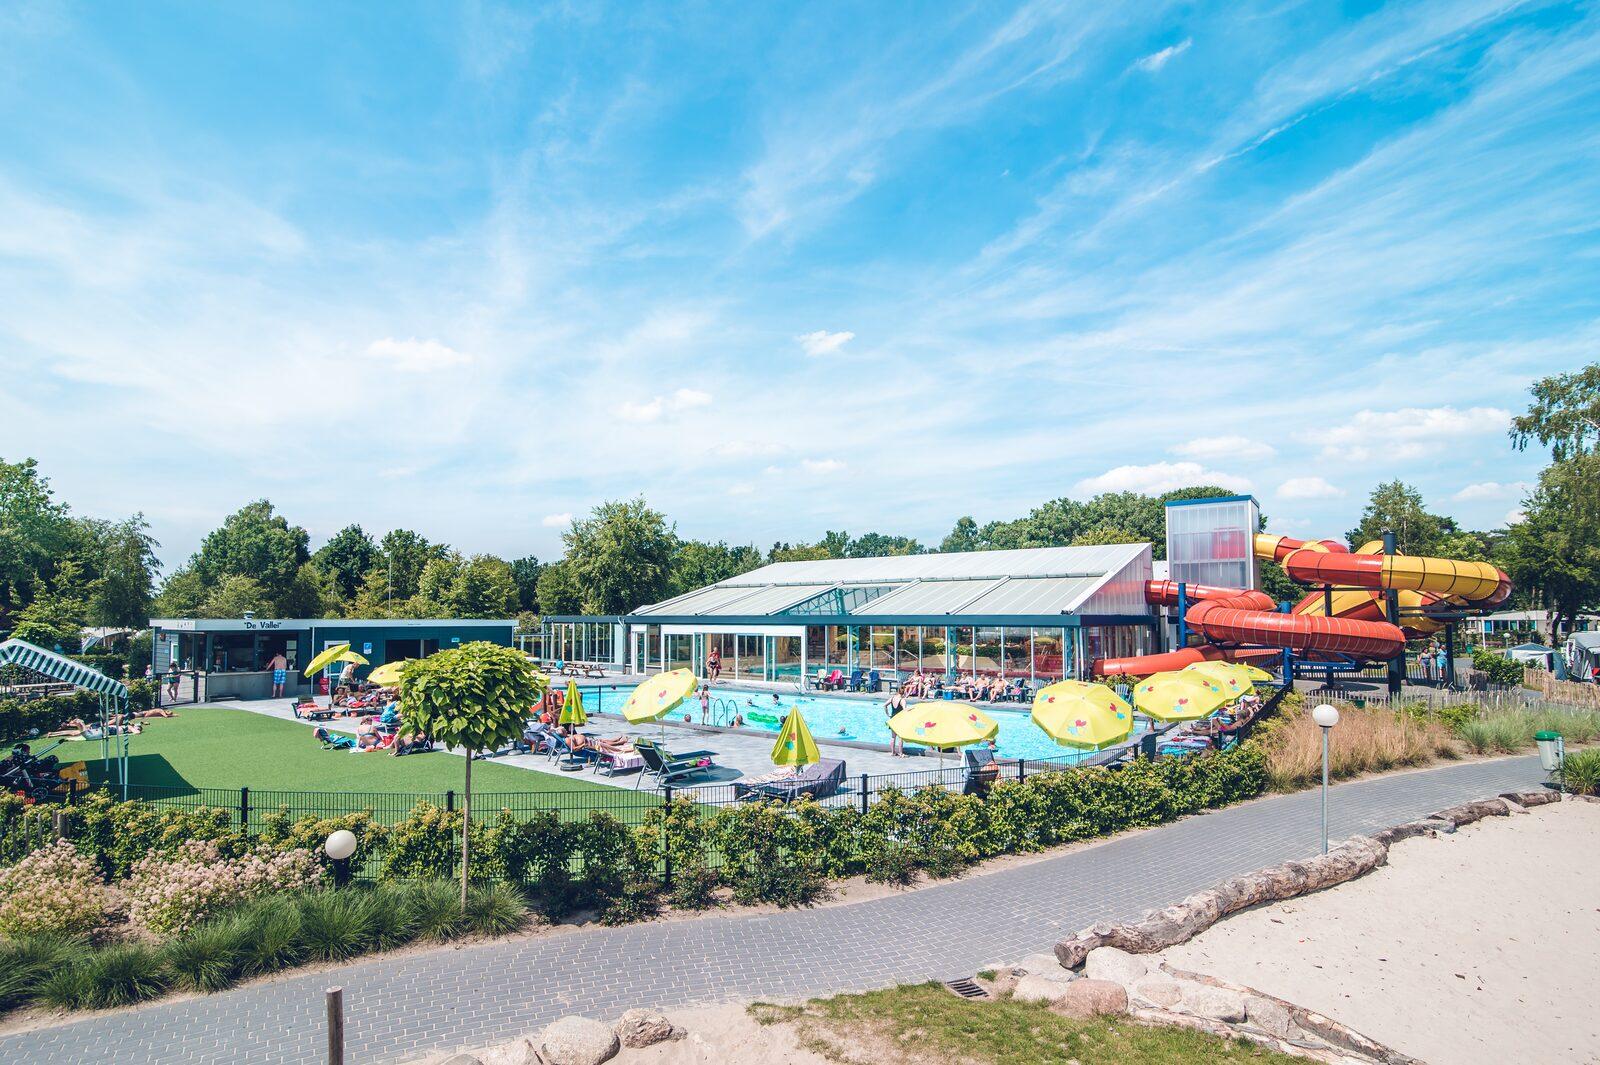 Binnen- en buitenzwembad met glijbanen